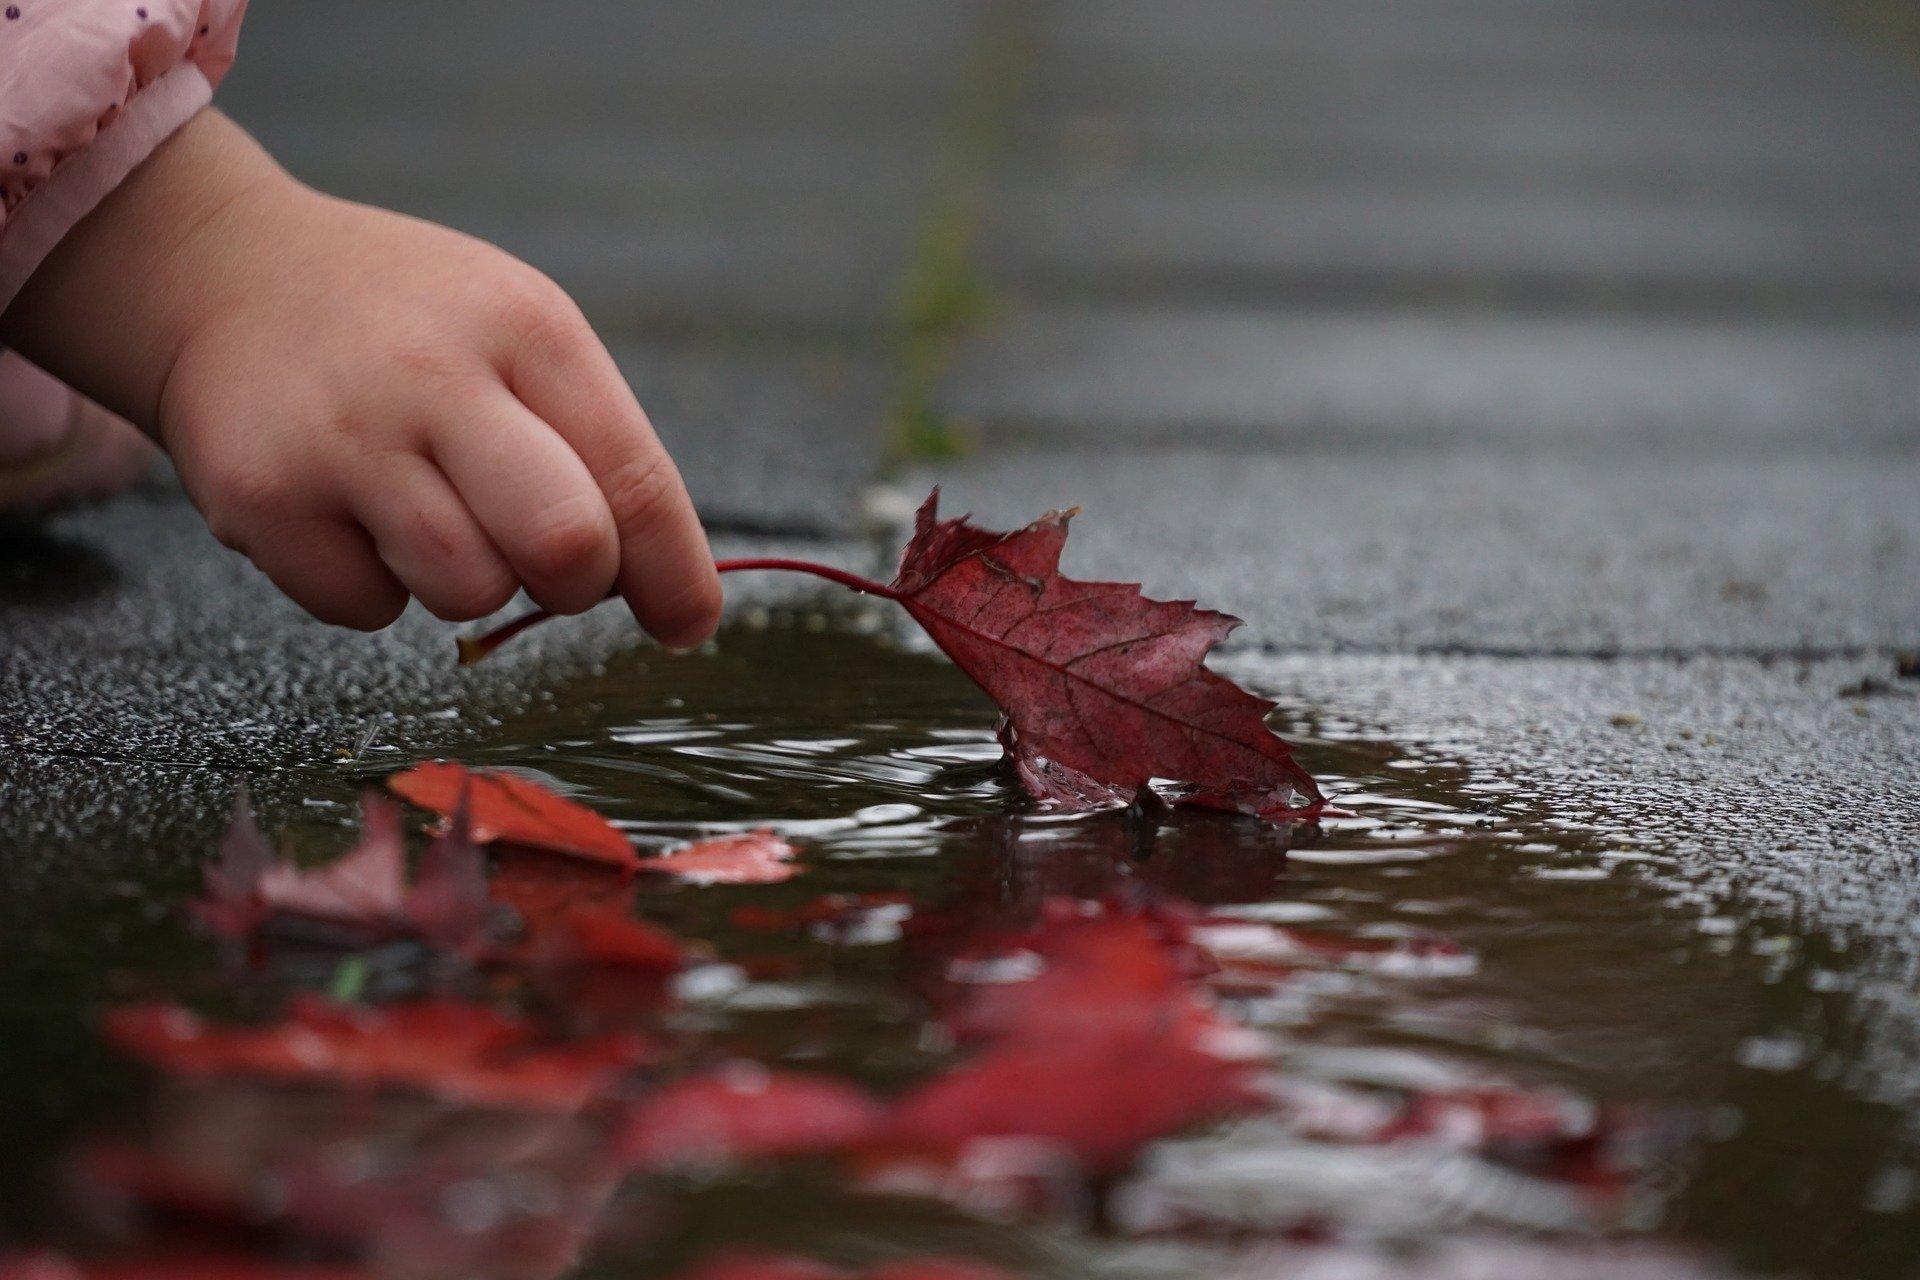 la mano di un bambino che prende una foglia rossa da una pozzanghera